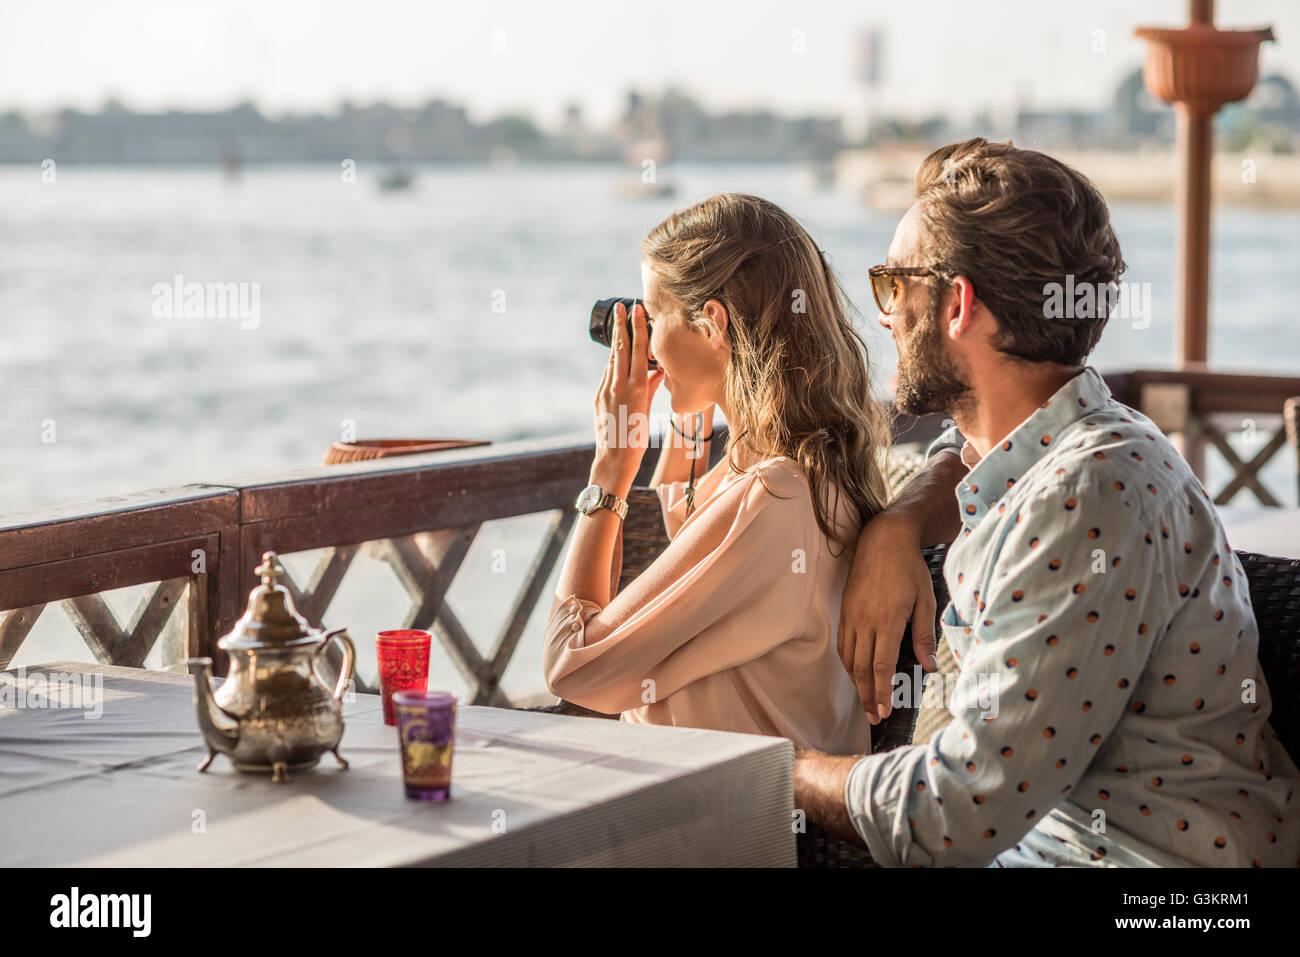 Romantic couple photographing from Dubai marina cafe, United Arab Emirates - Stock Image